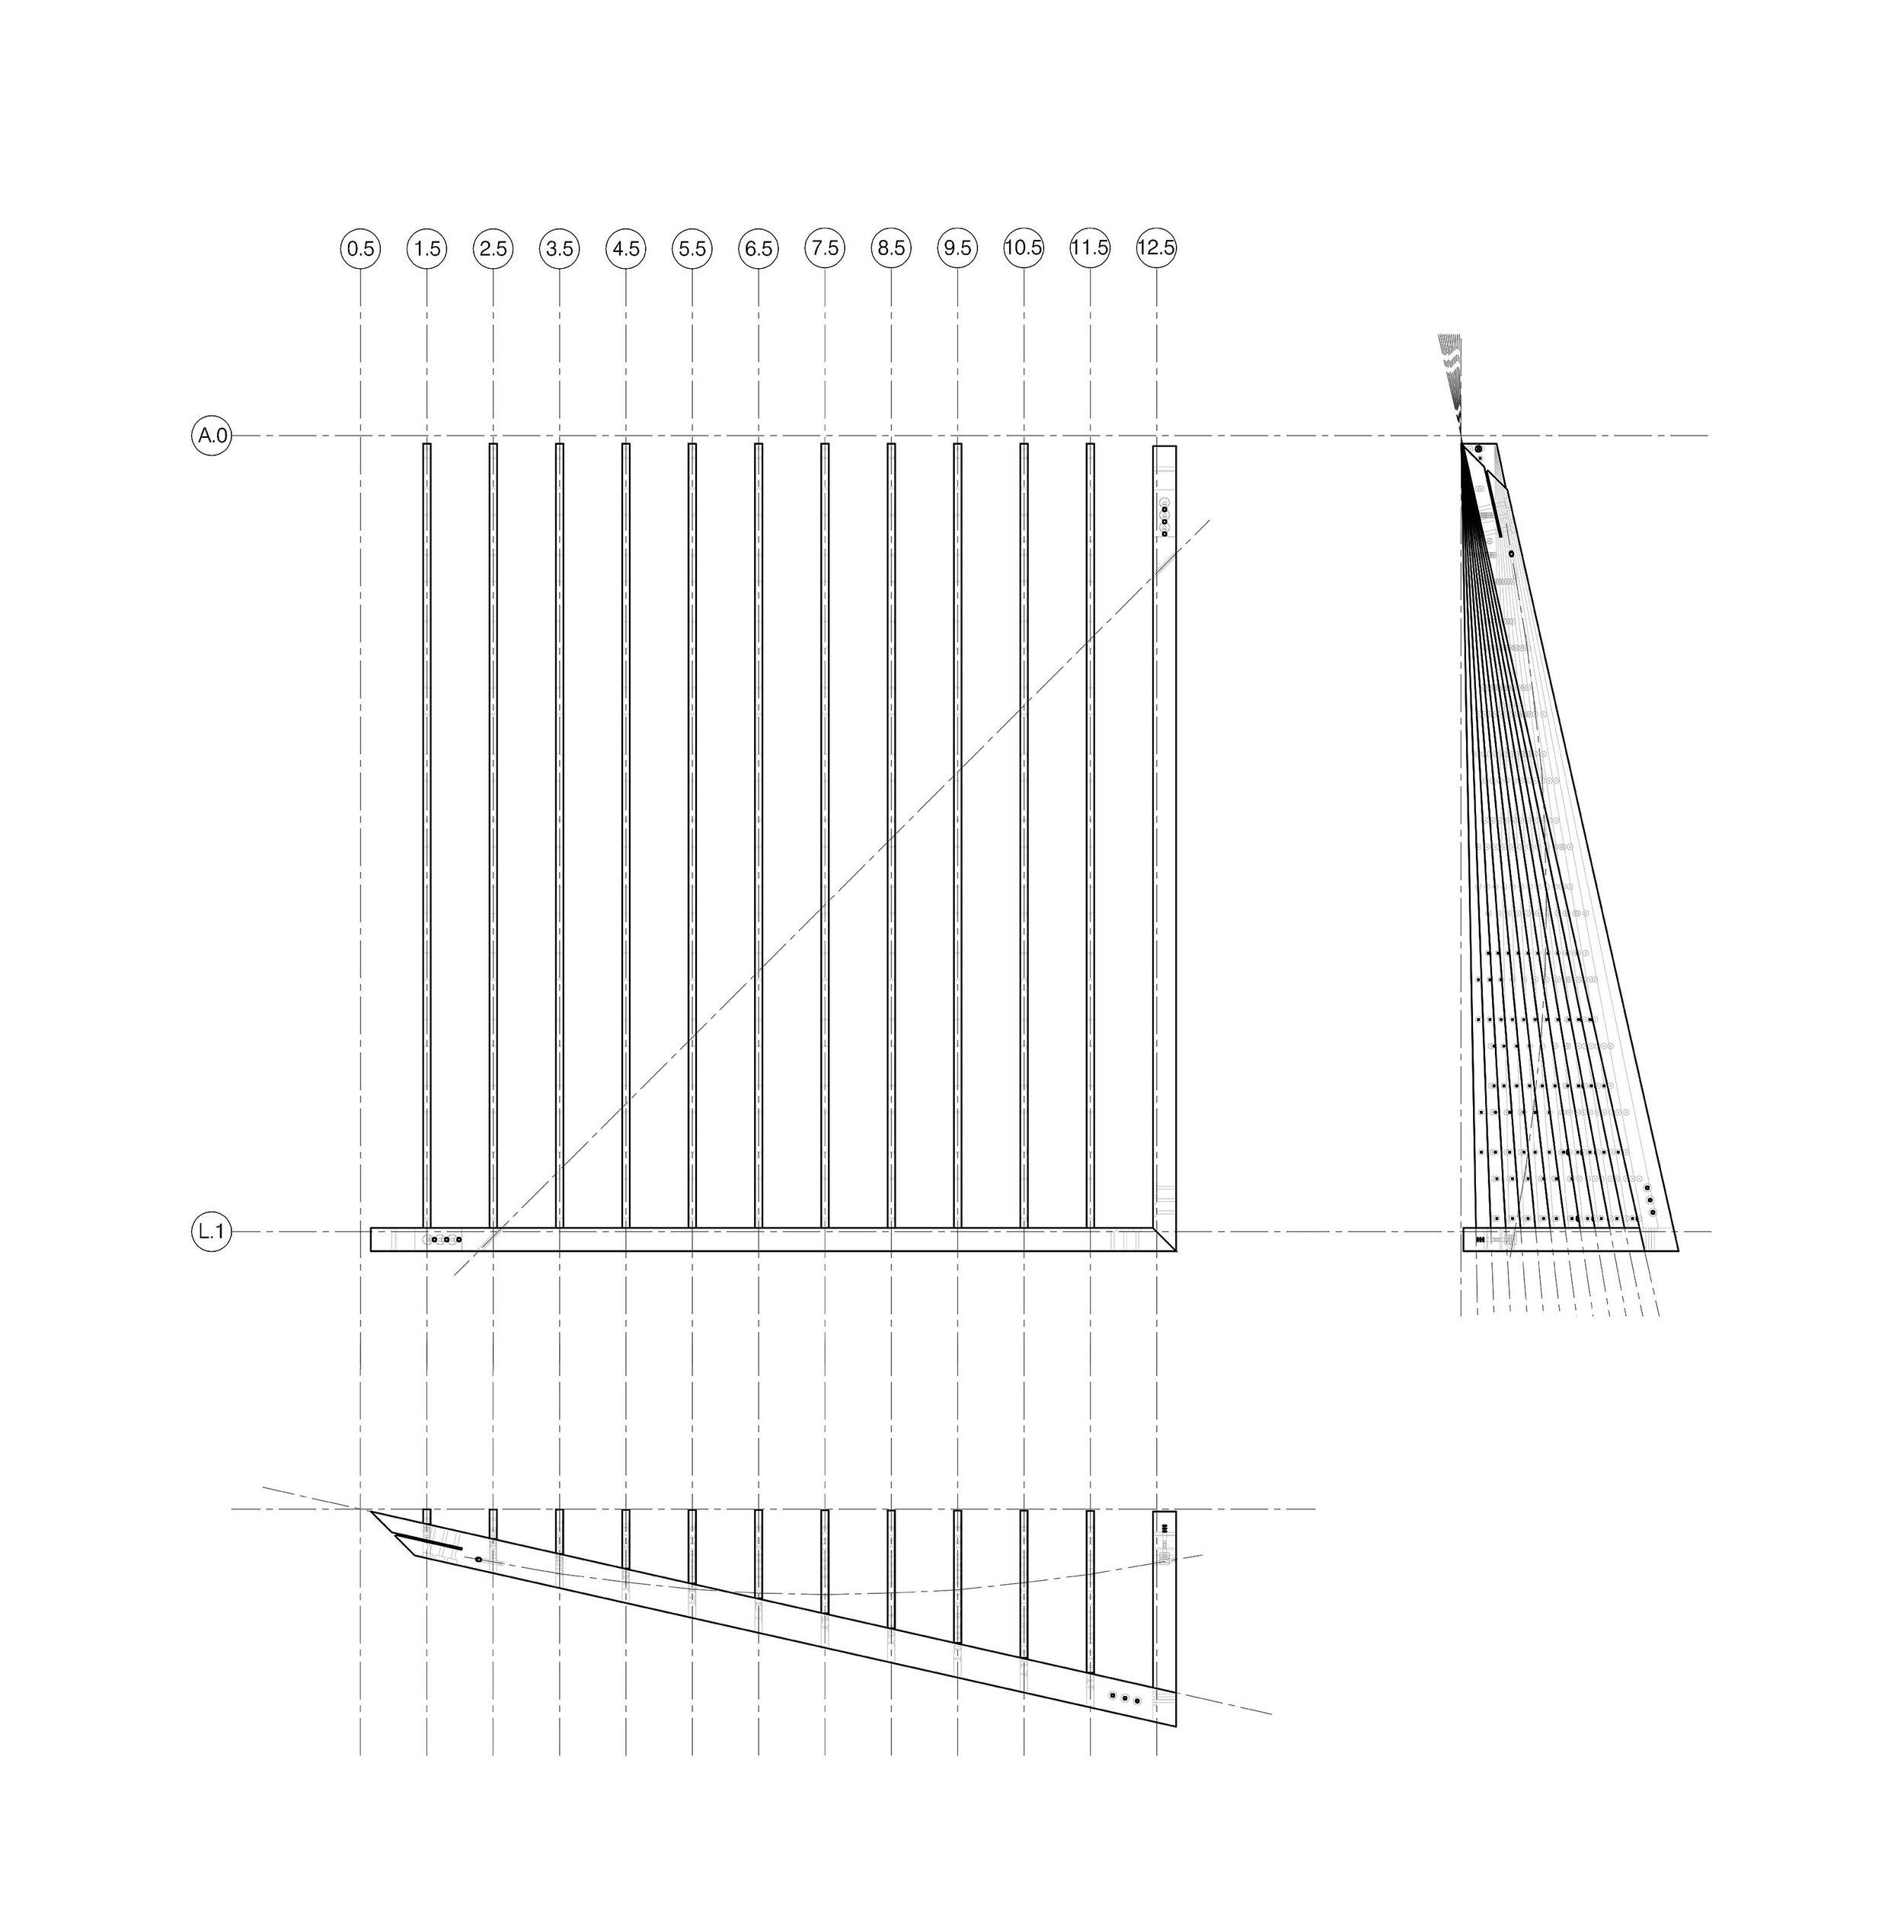 Panel Drawings_web2.jpg